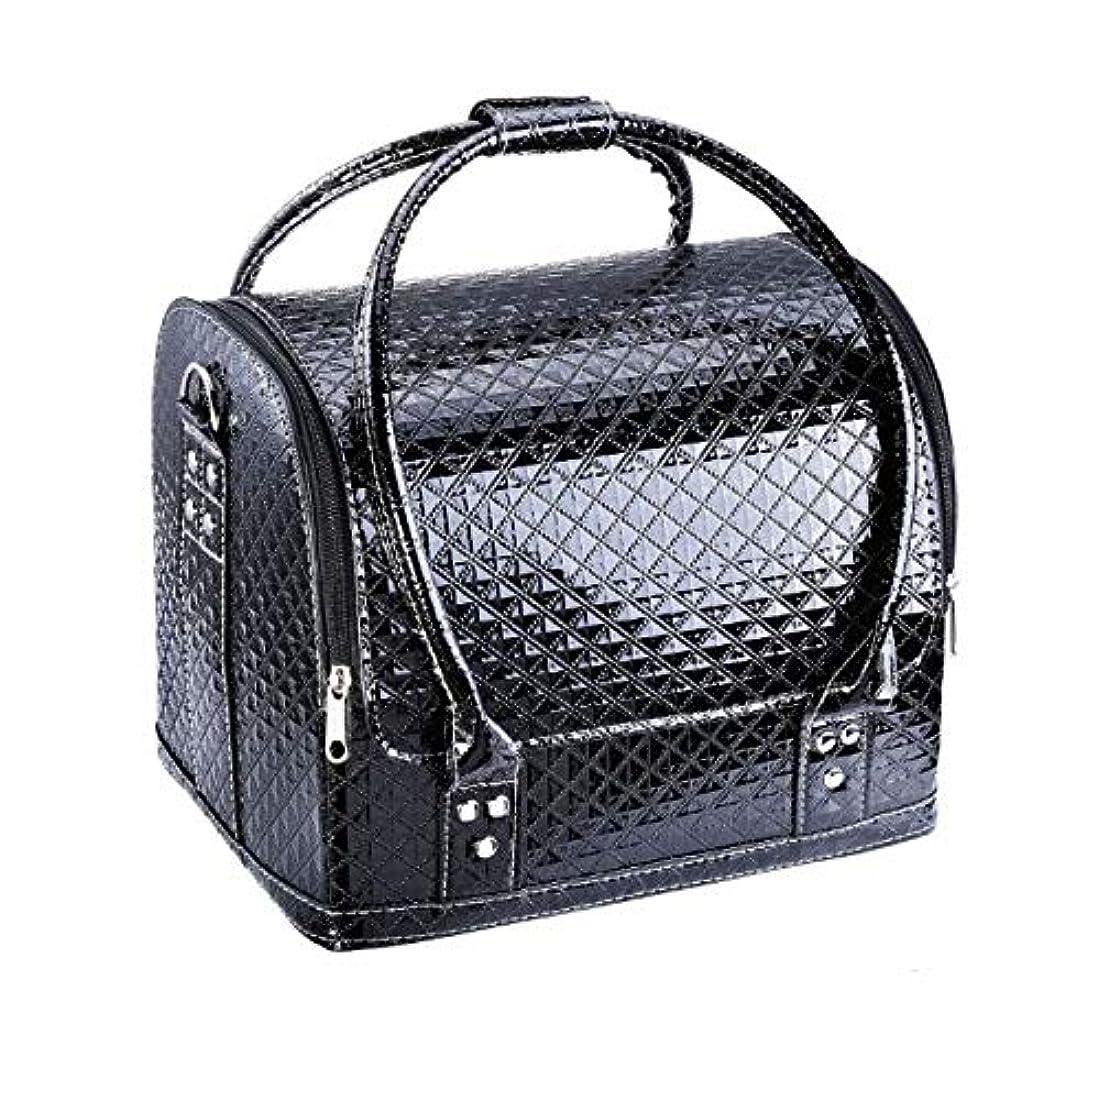 フォアマン中世の限界化粧箱、大容量ダブルオープンポータブル化粧品ケース、ポータブルダイヤモンドパターン旅行化粧品バッグ、美容ネイルジュエリー収納ボックス